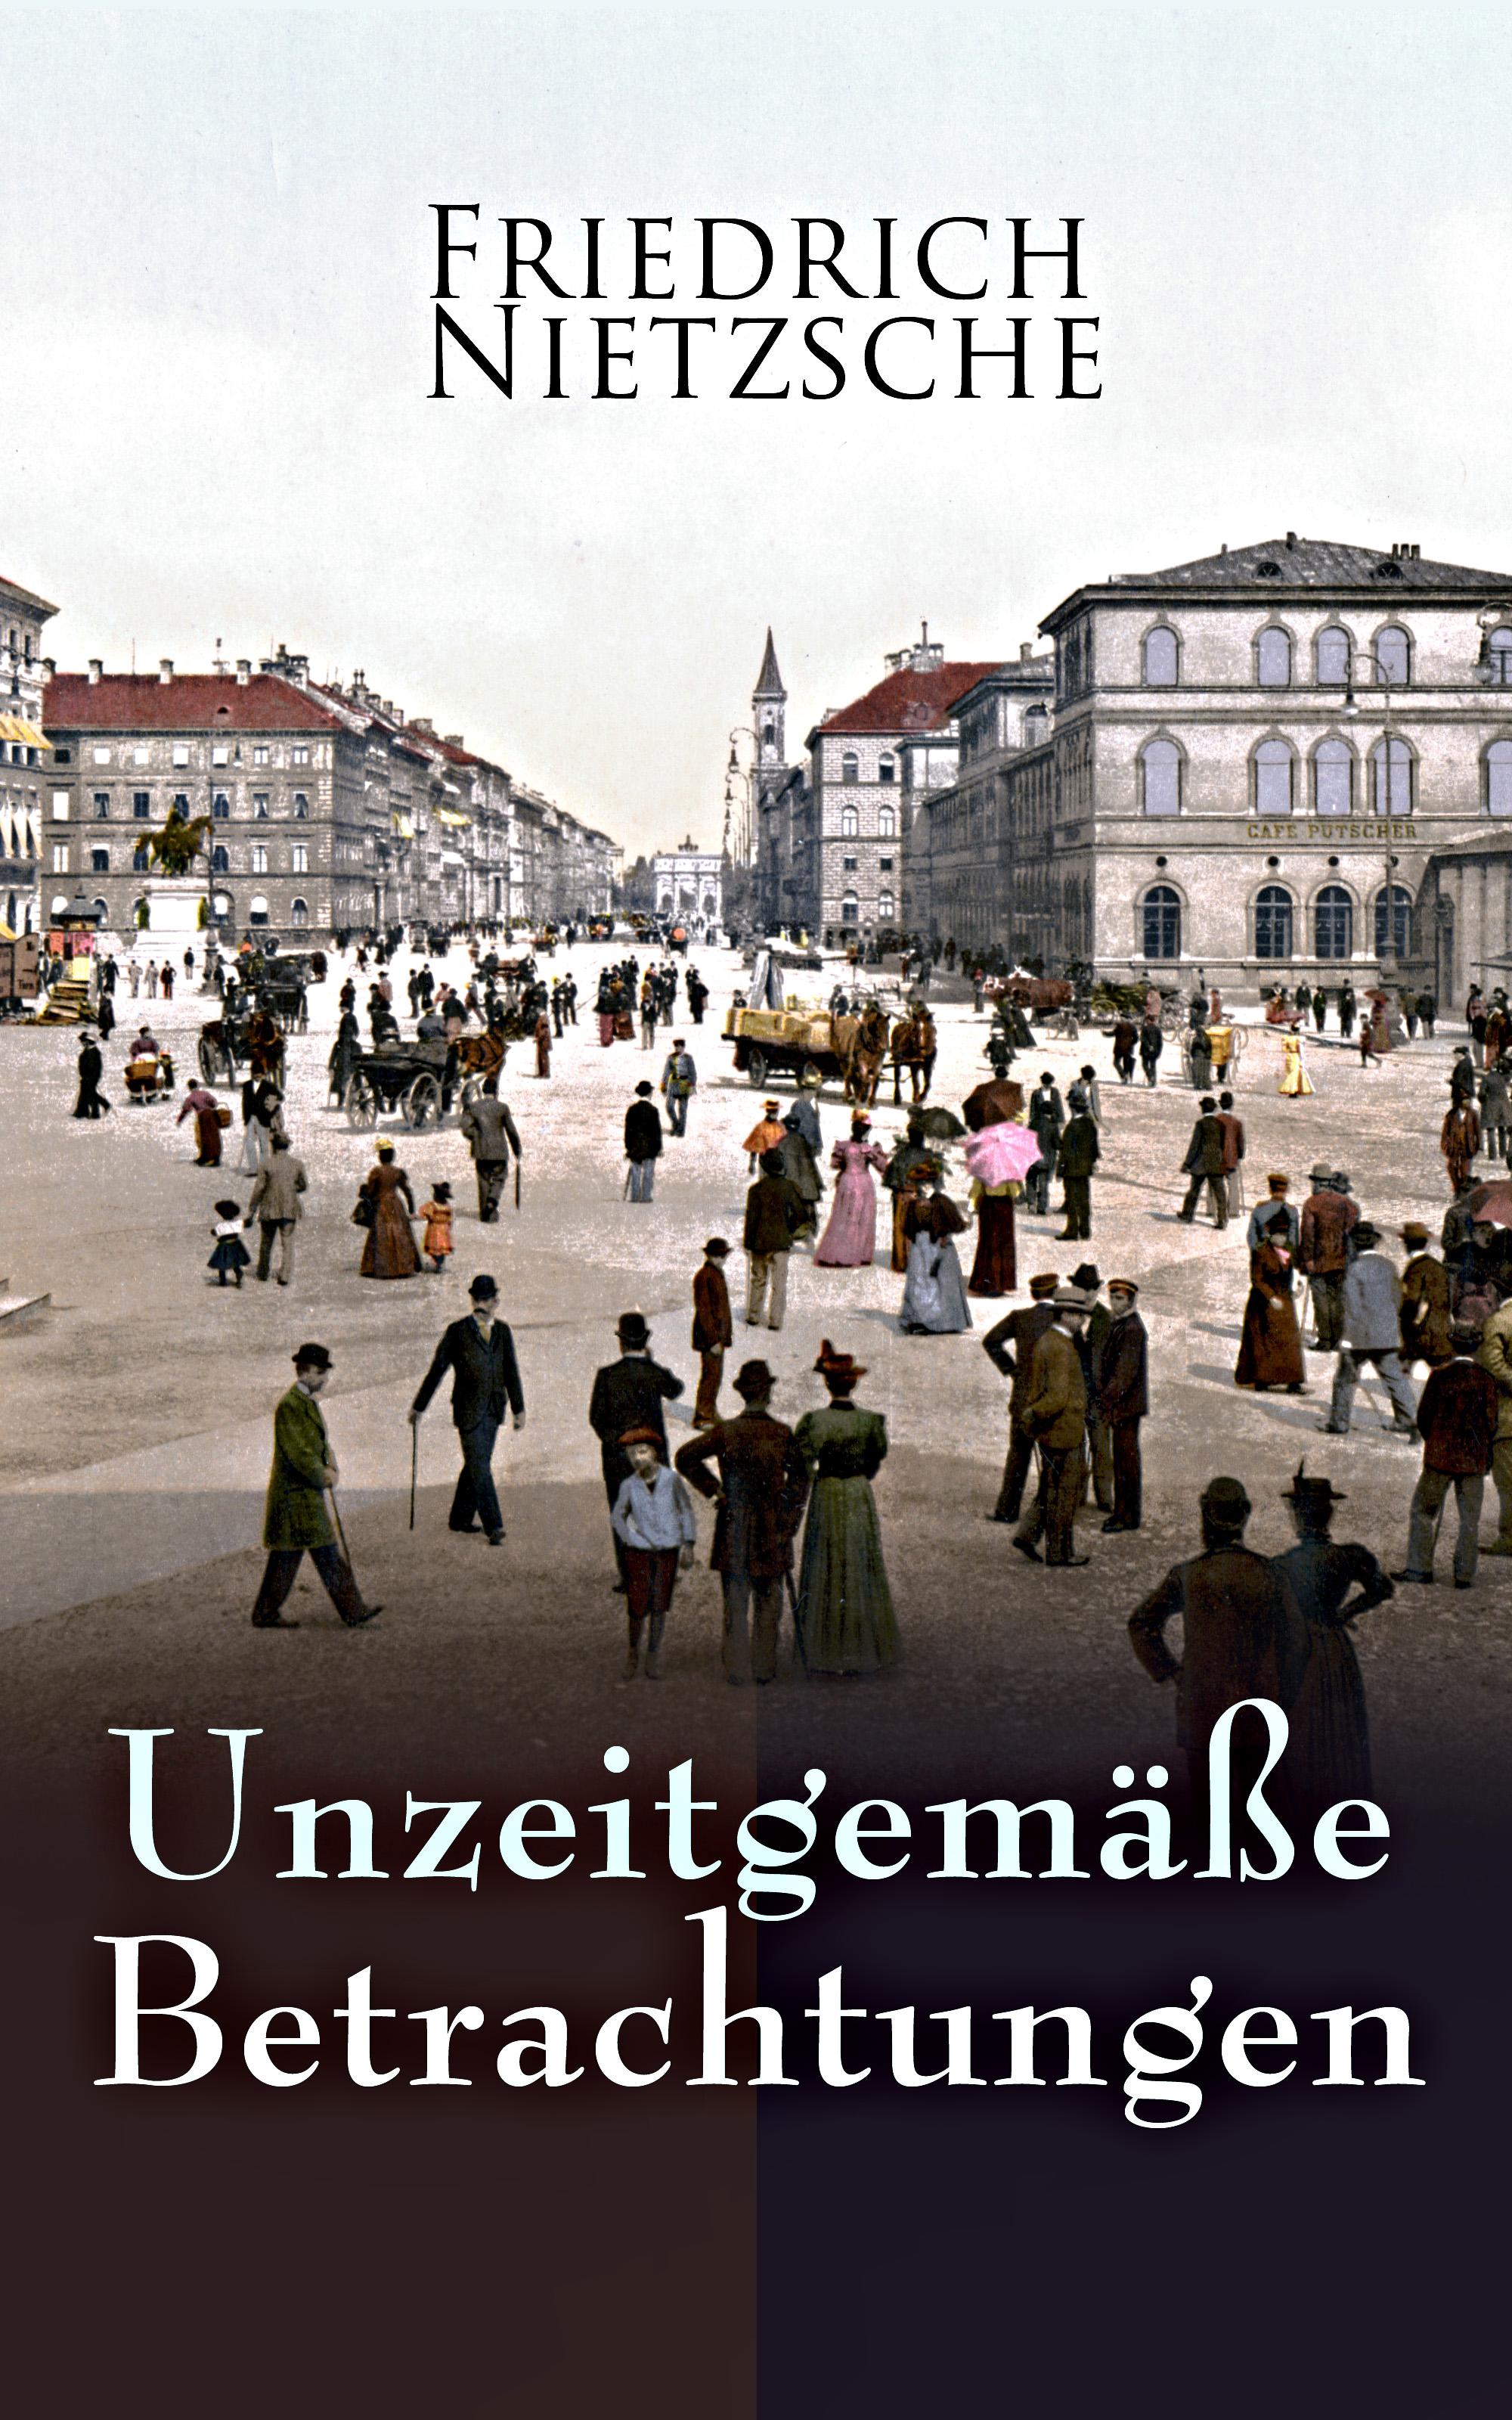 Friedrich Nietzsche Unzeitgemäße Betrachtungen